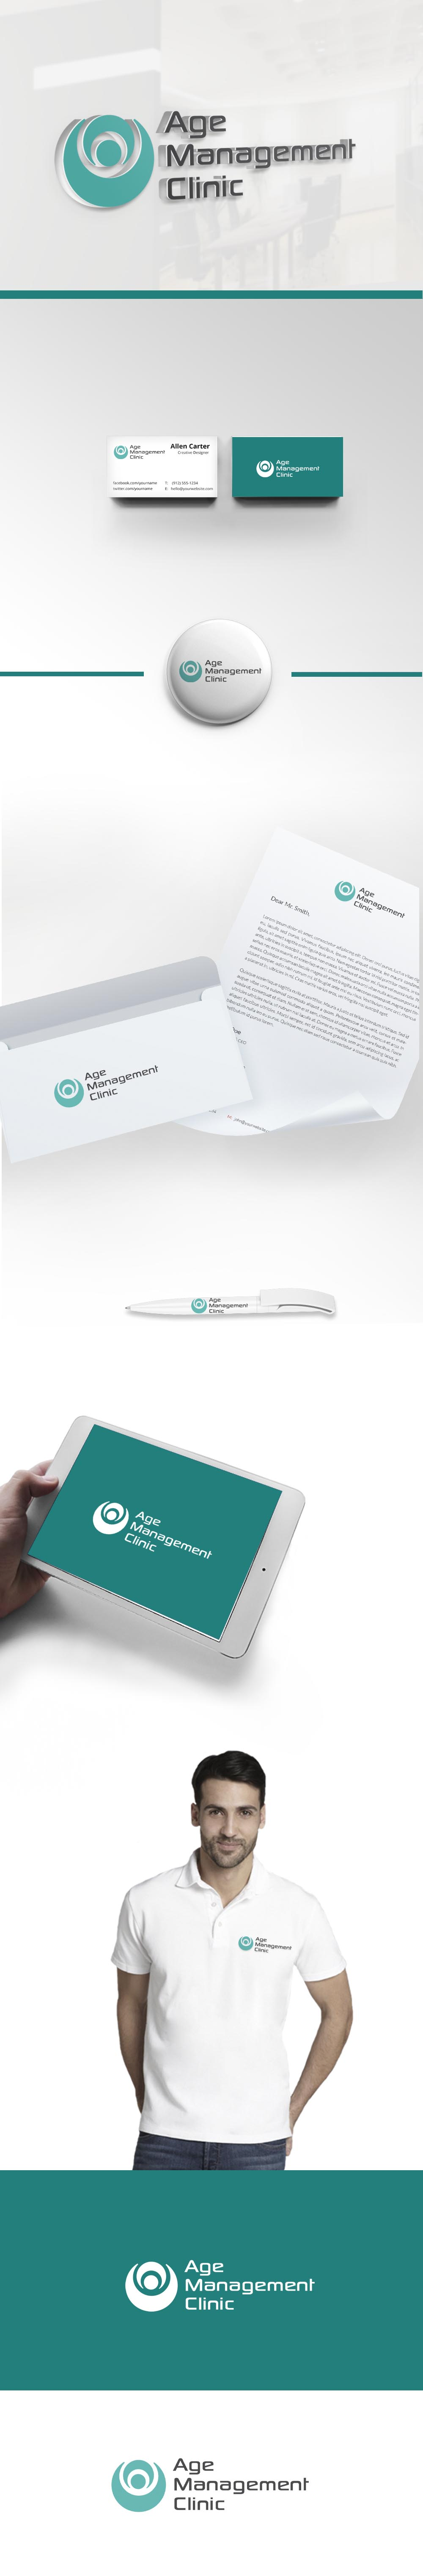 Логотип для медицинского центра (клиники)  фото f_0735ba00b0d1c931.jpg